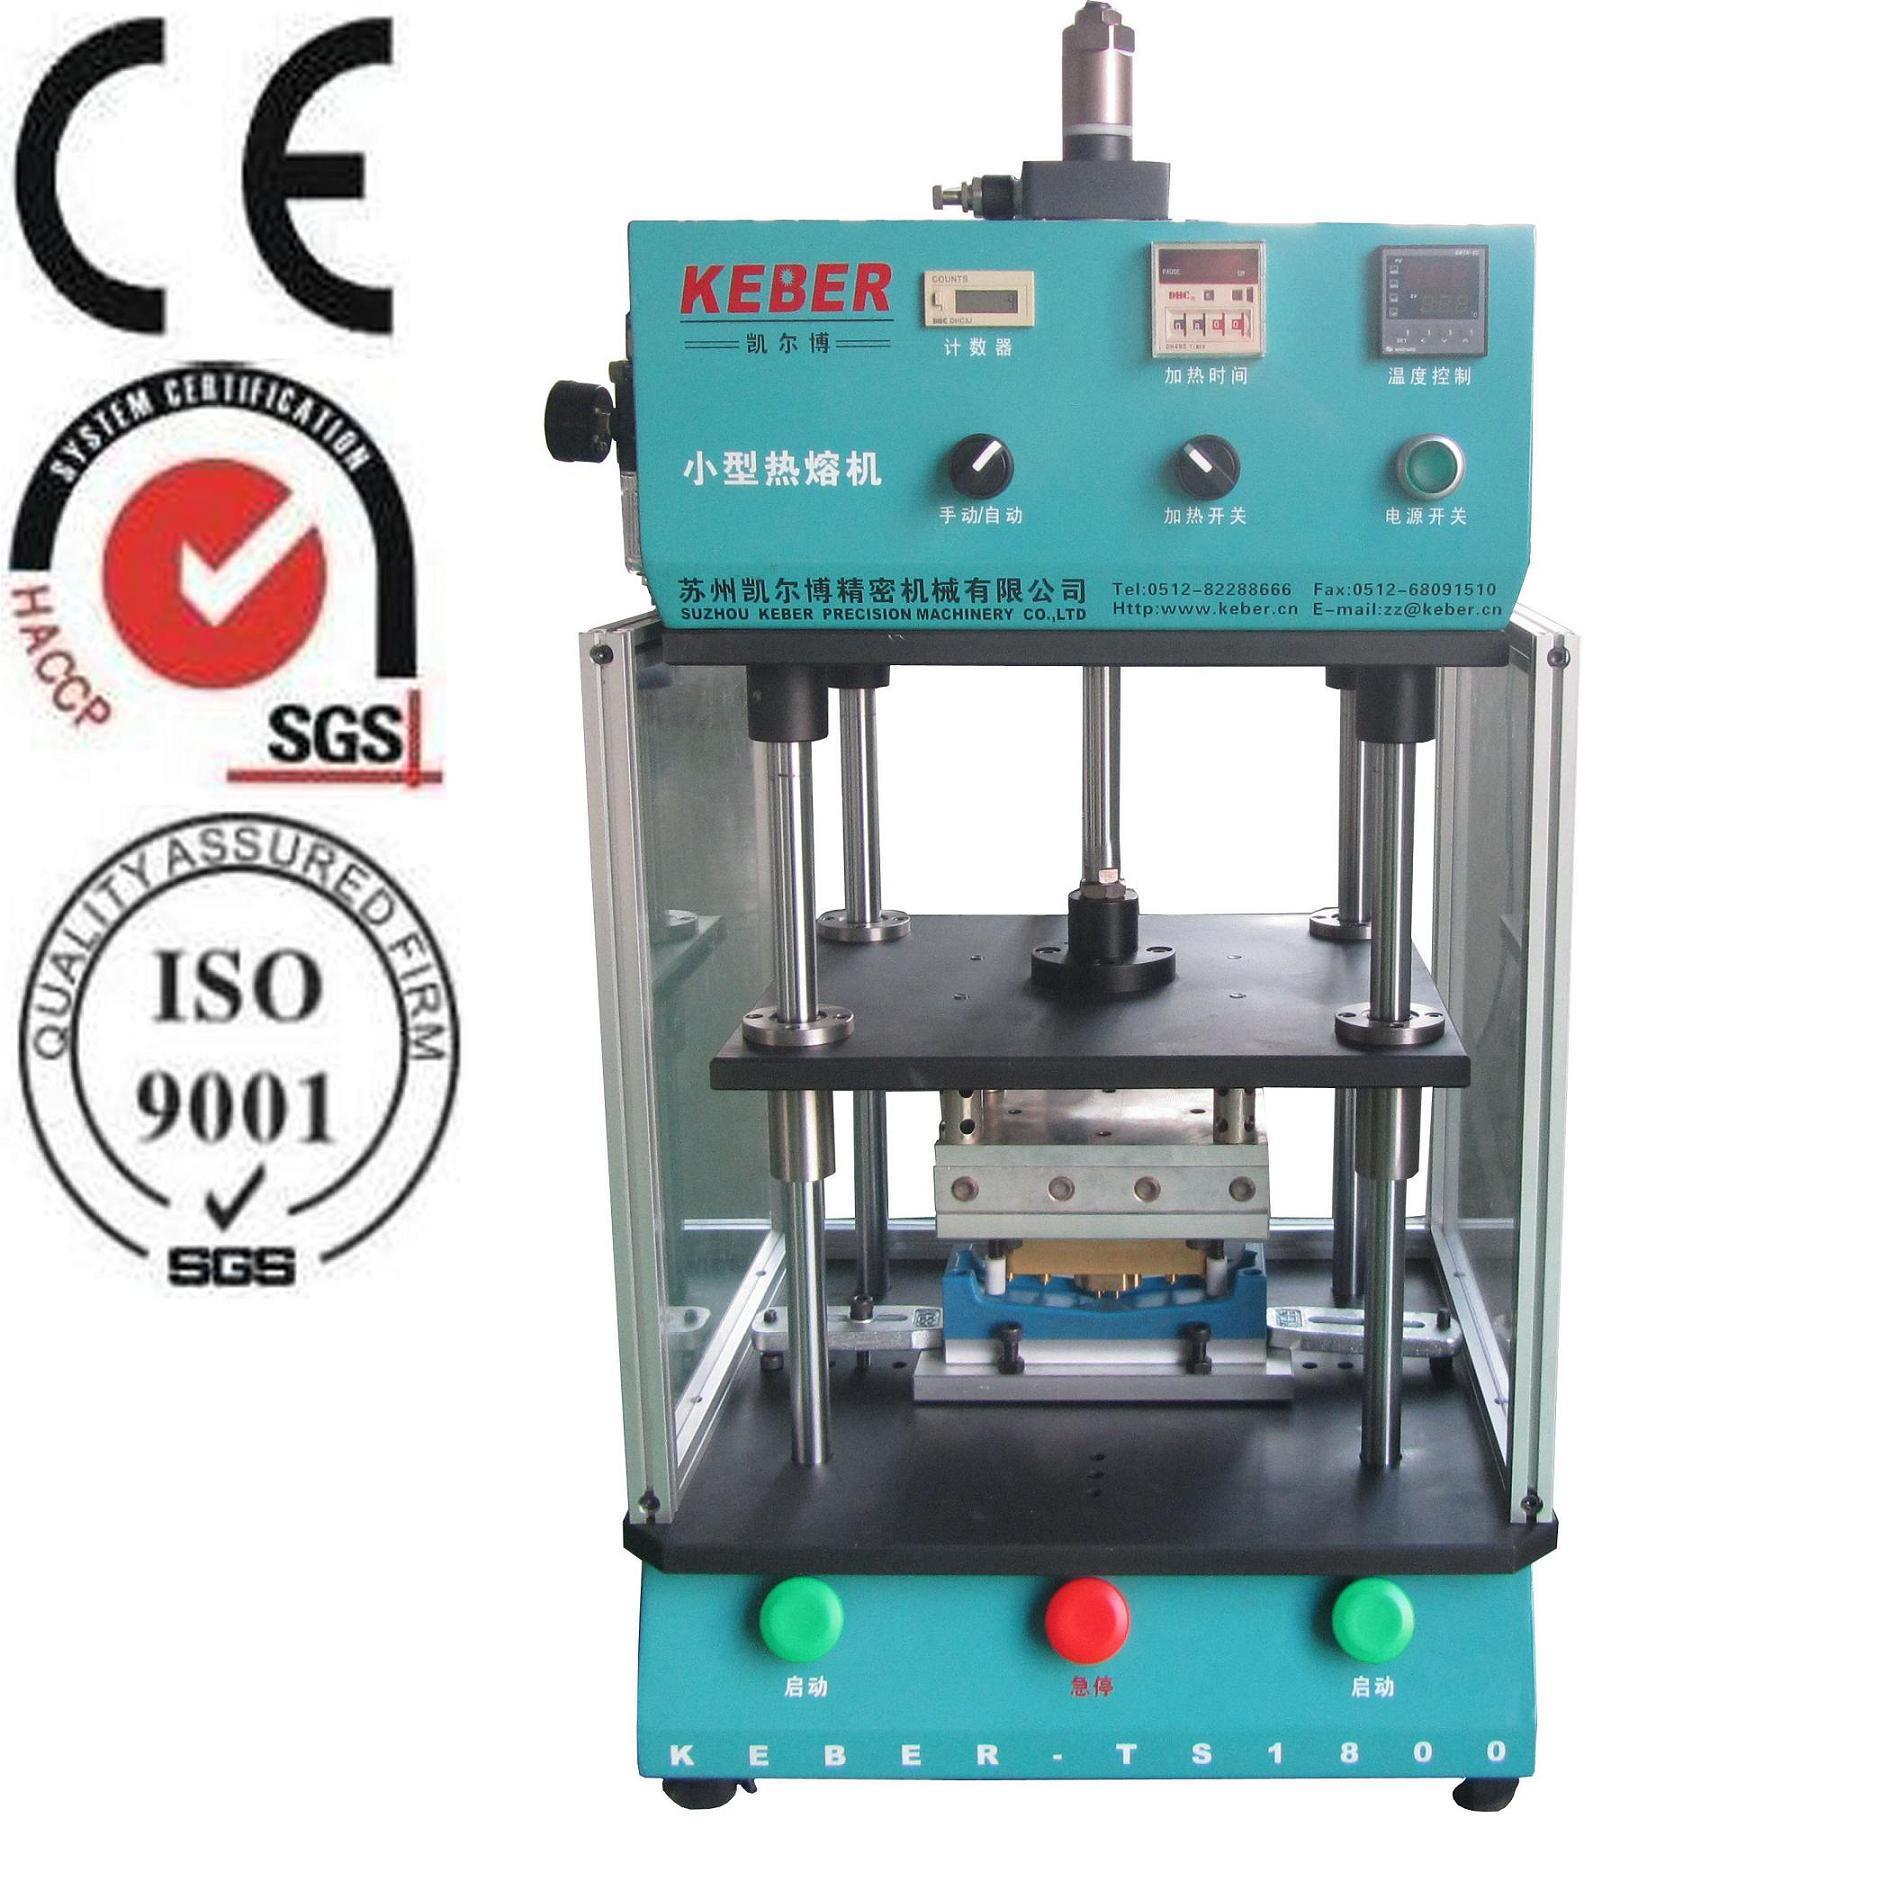 China Keber Hot Melting Welding Equipment For Plastic